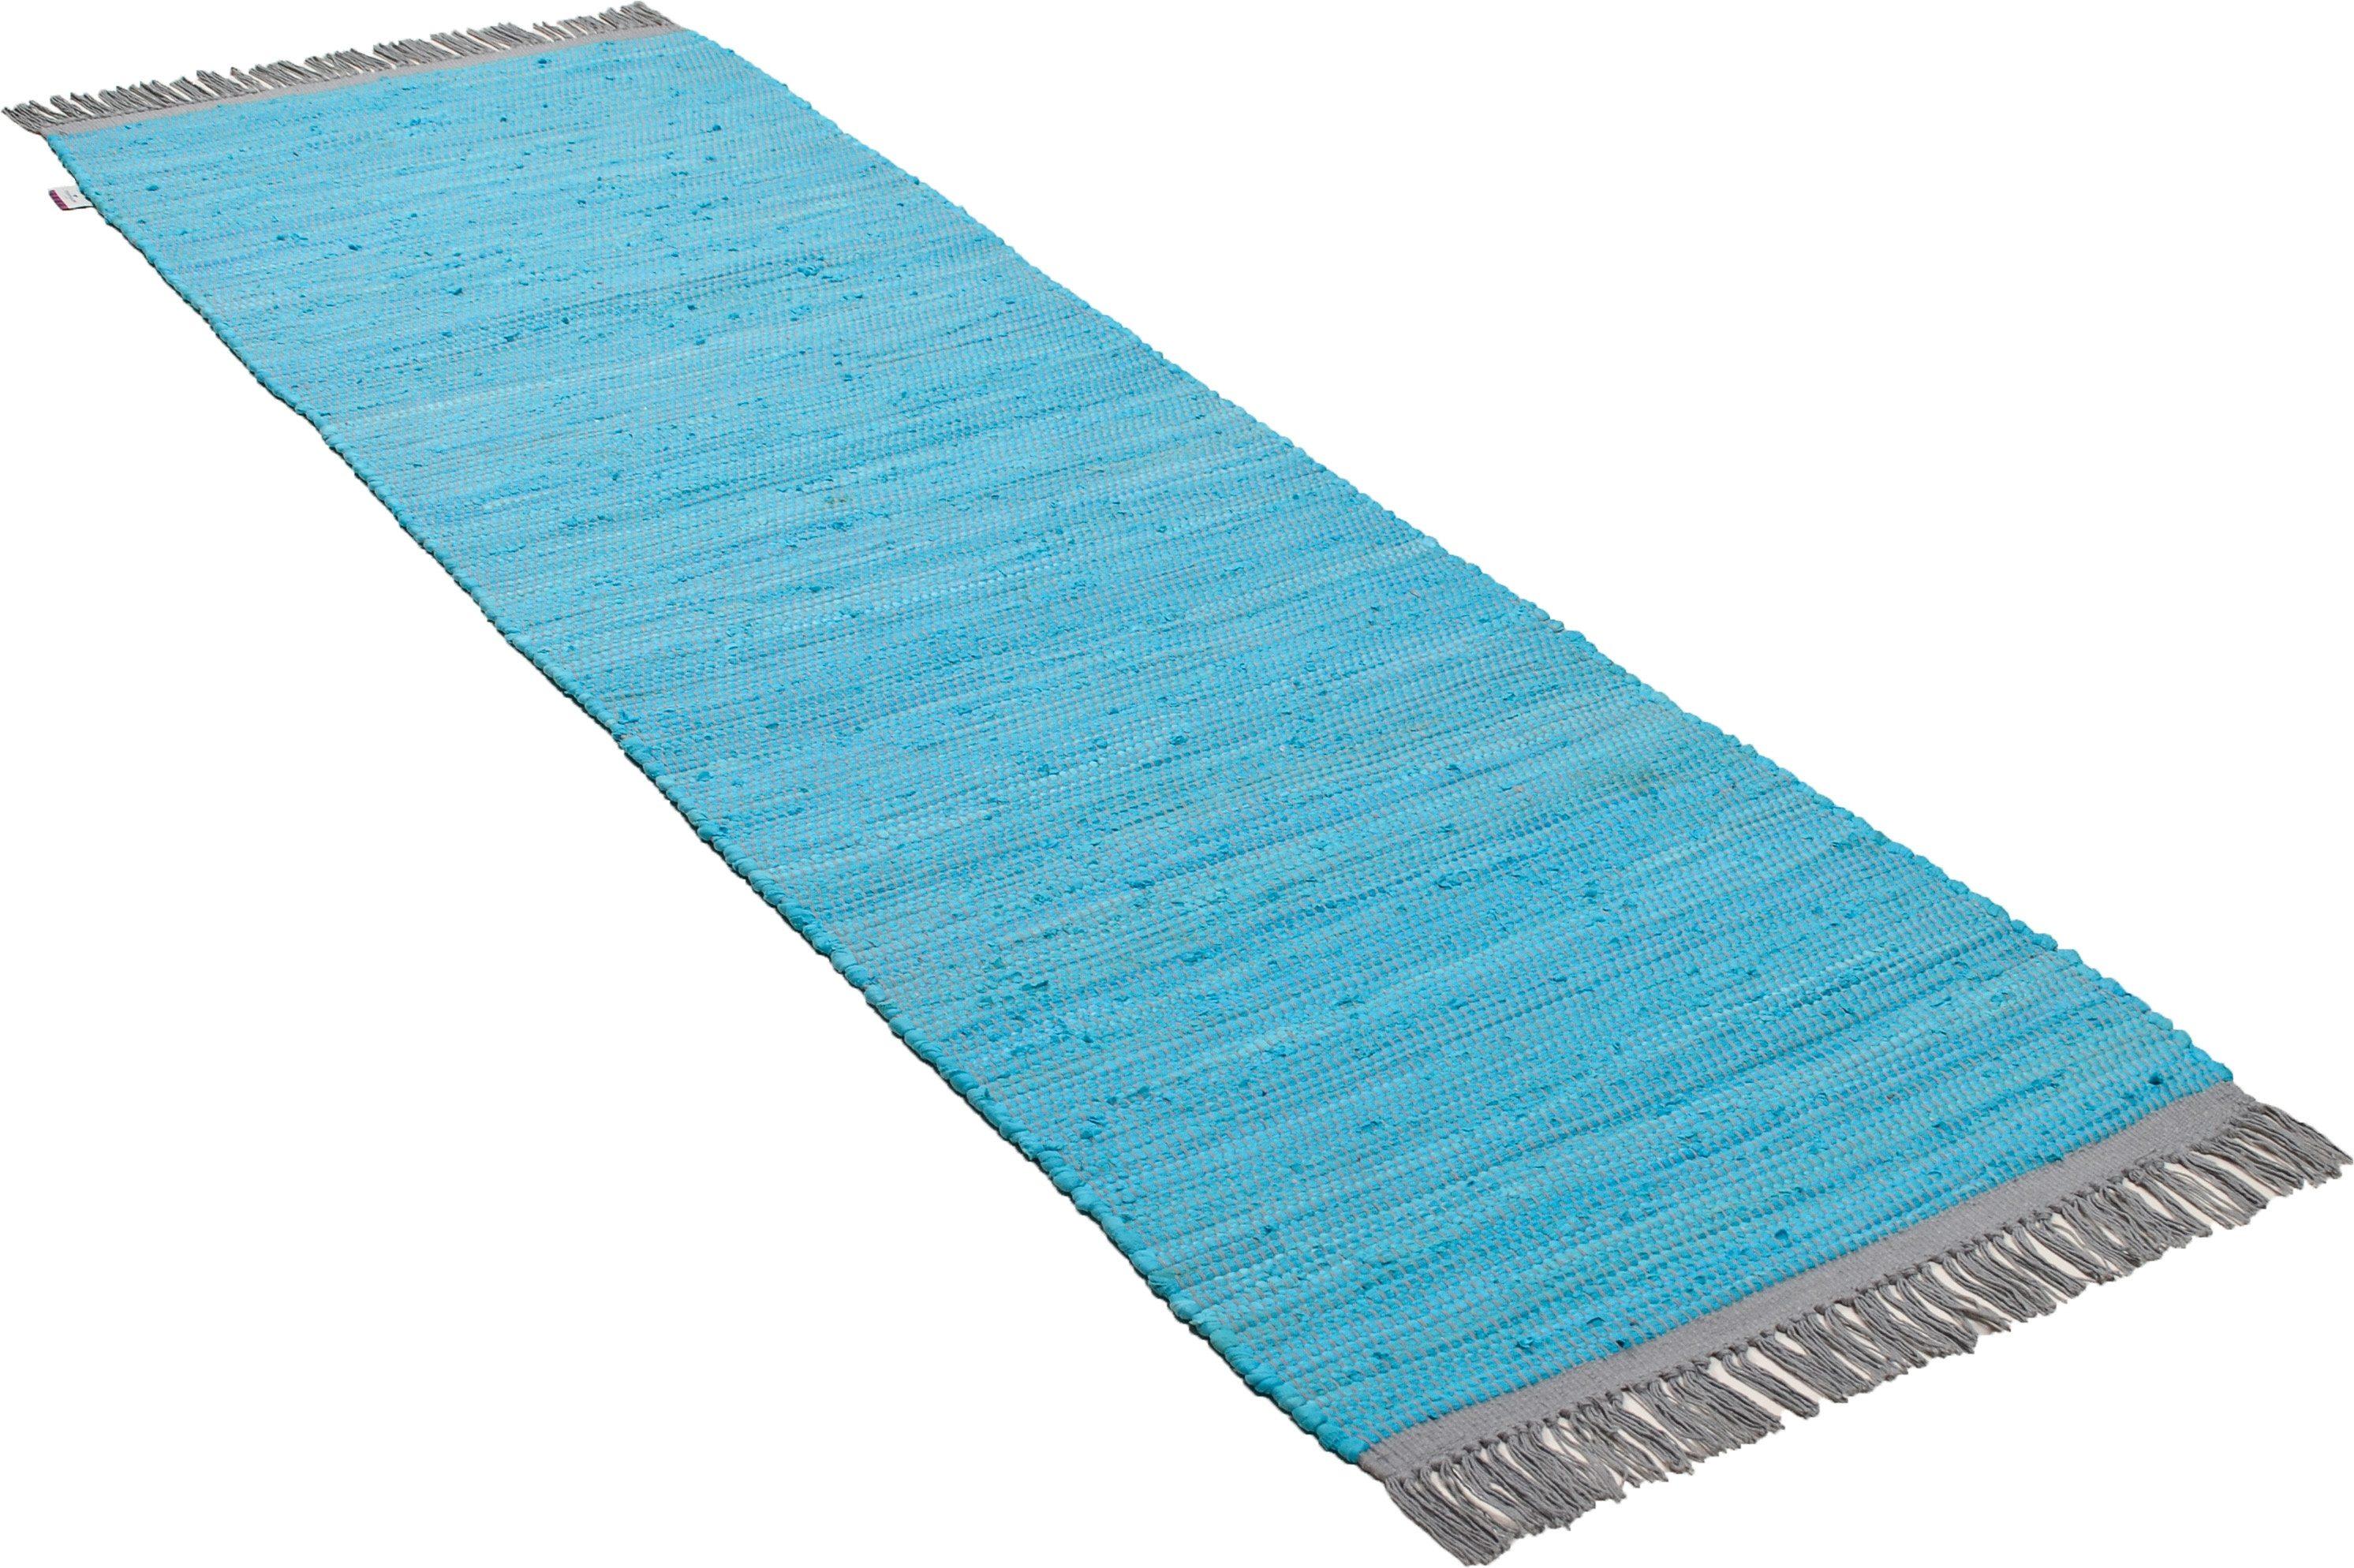 Läufer Cotton Colors TOM TAILOR rechteckig Höhe 8 mm maschinell gewebt